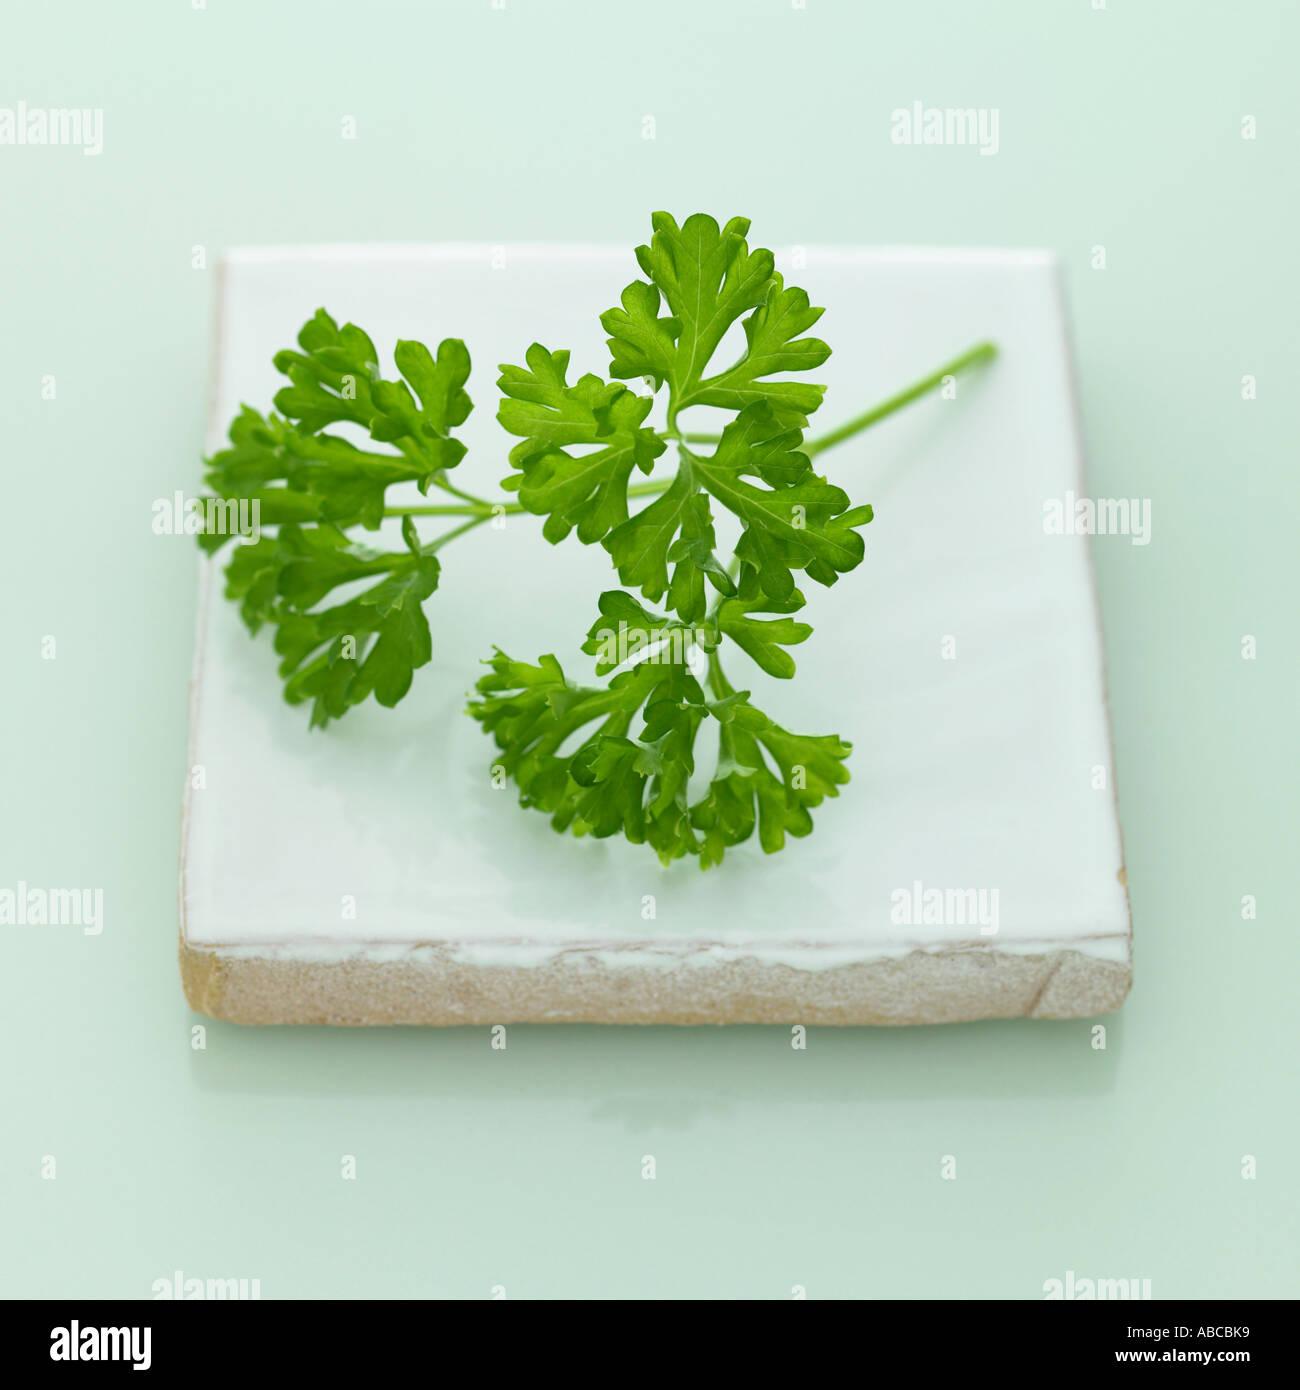 Perejil - uno de una serie de imágenes de hierbas similares Imagen De Stock